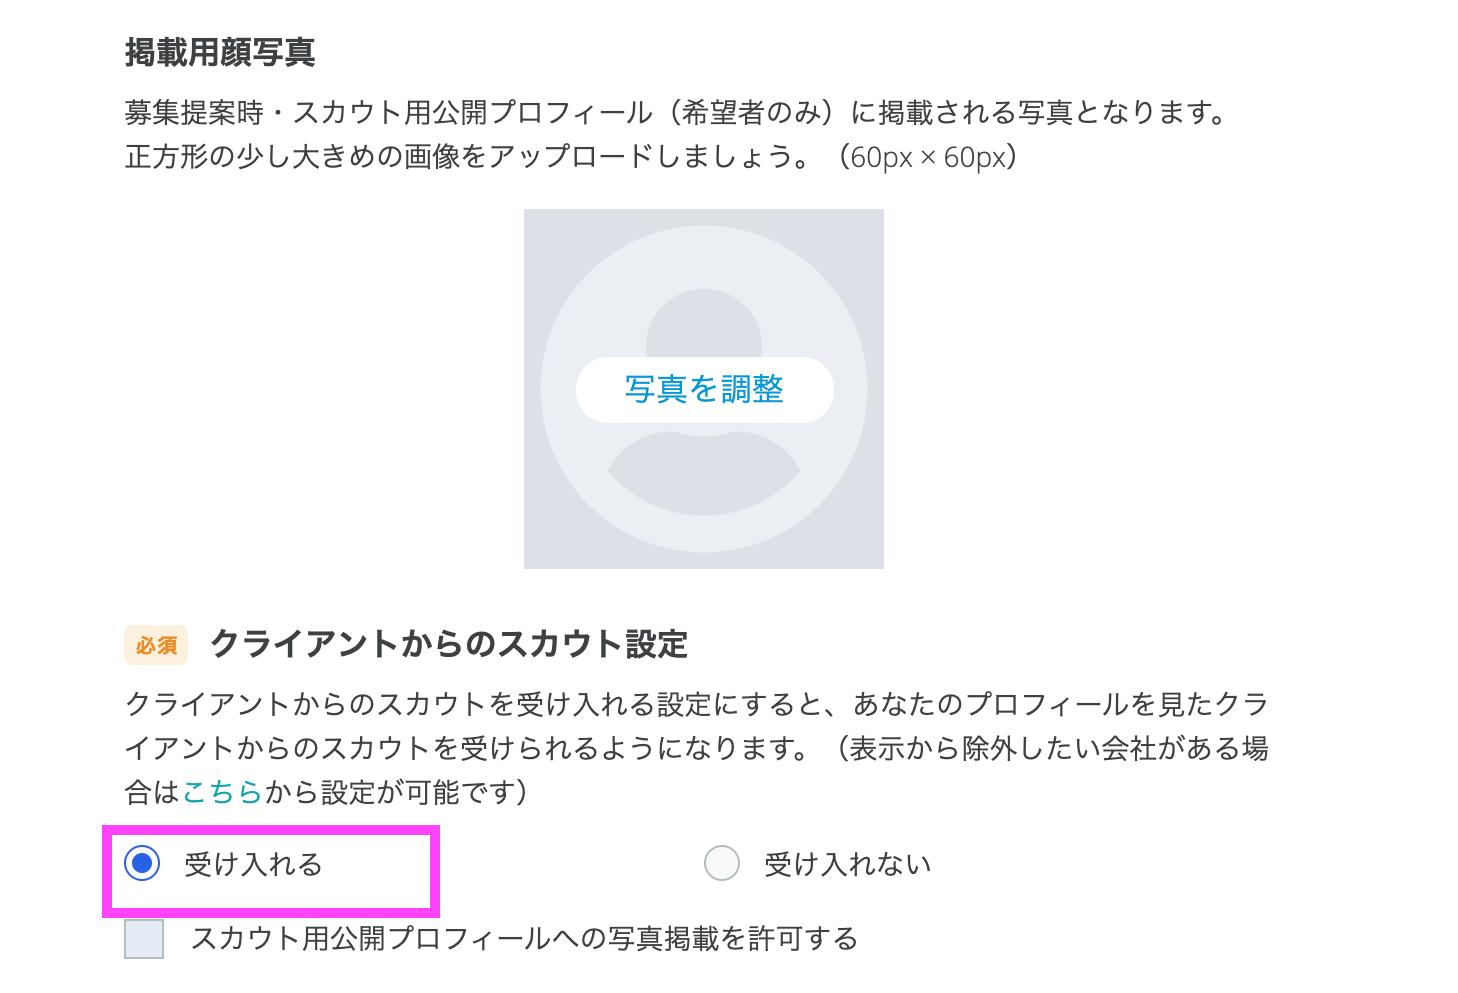 スクリーンショット 2021-02-18 10.24.37.png